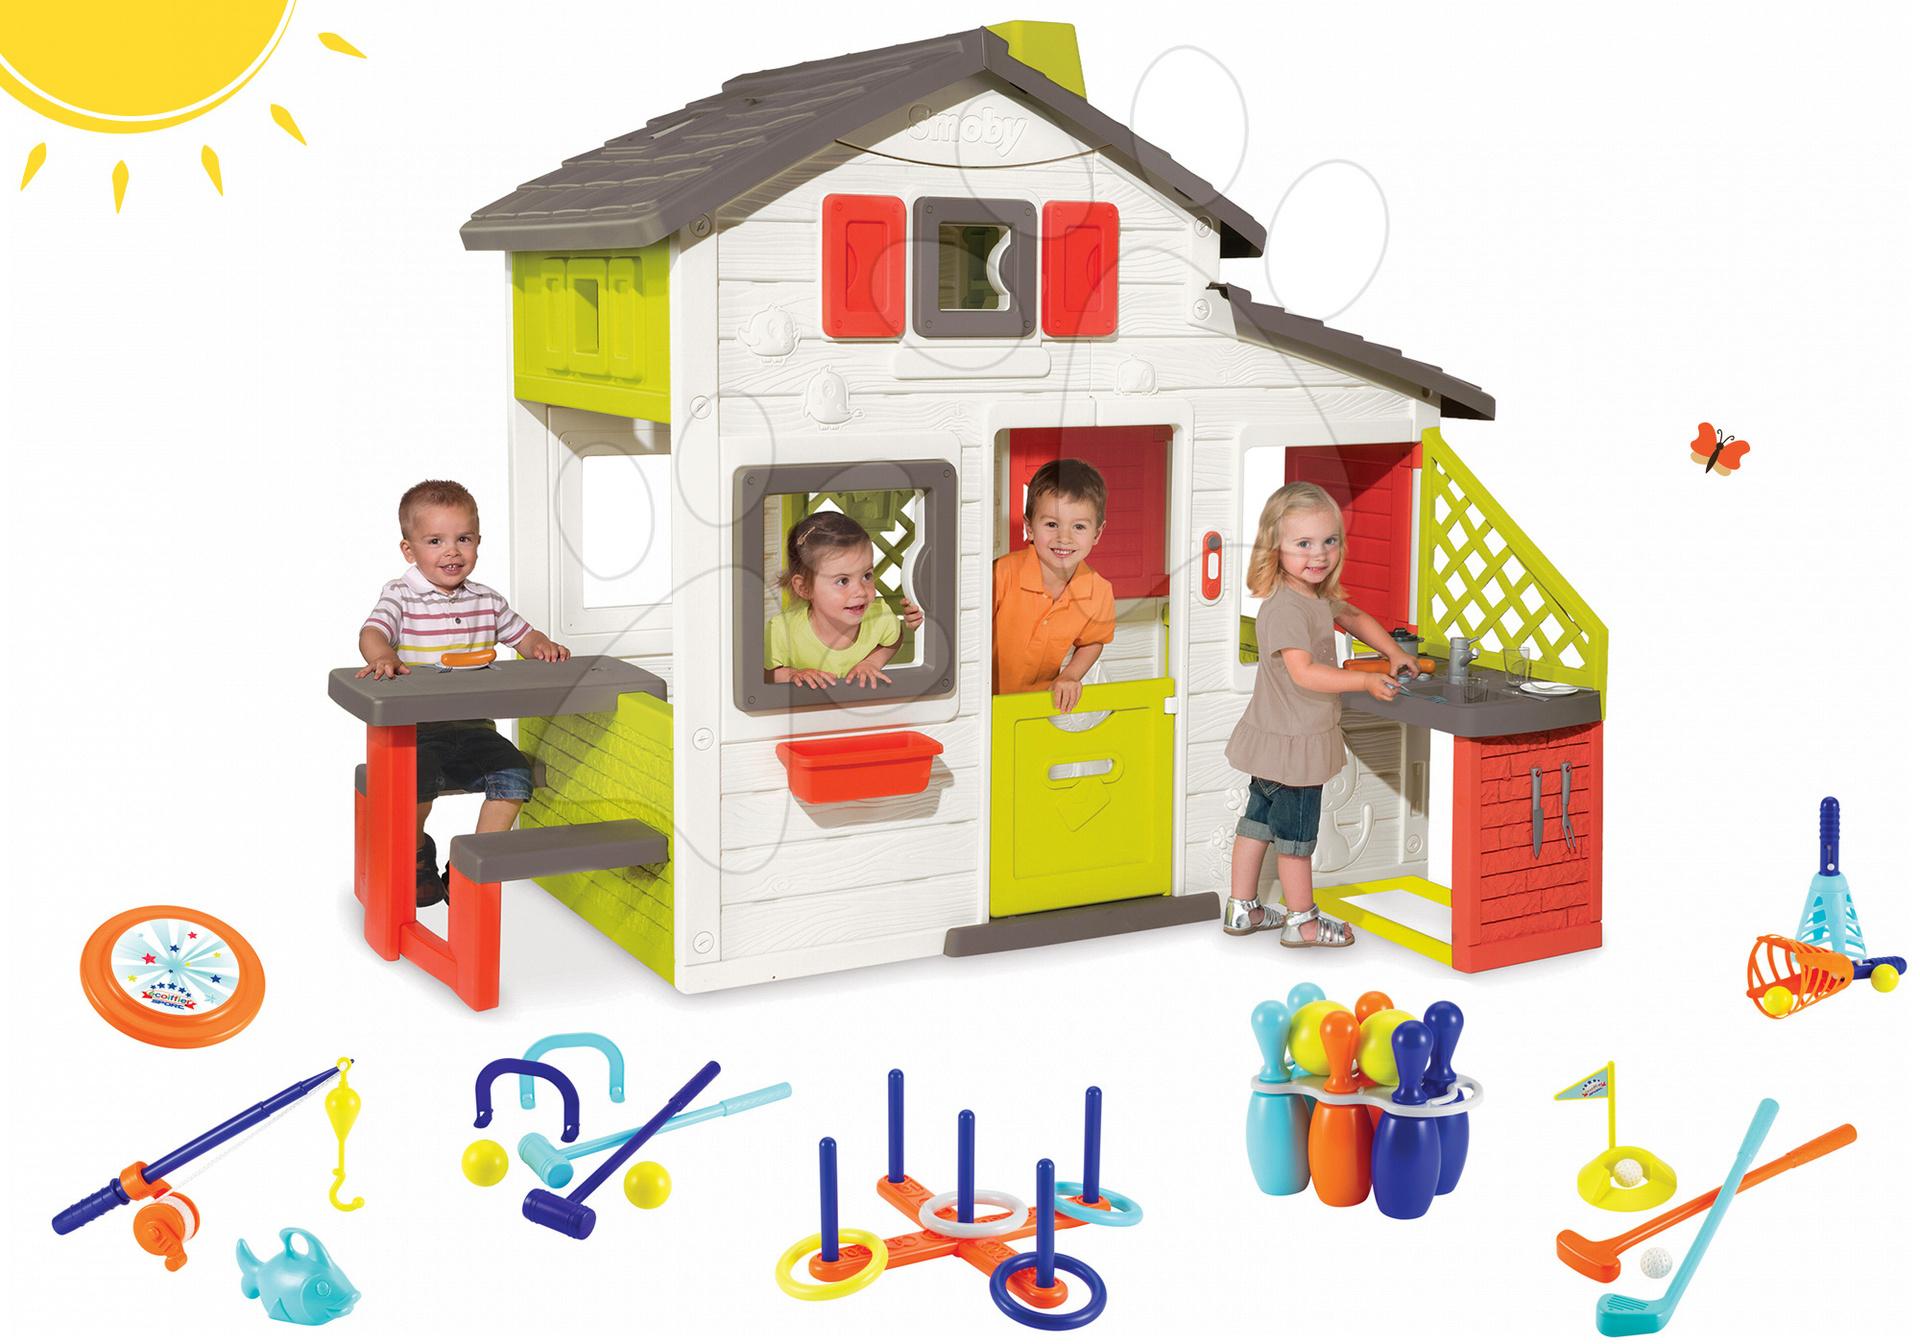 Szett házikó Barátok Smoby konyhával és csengővel és sport szett 7 játékkal